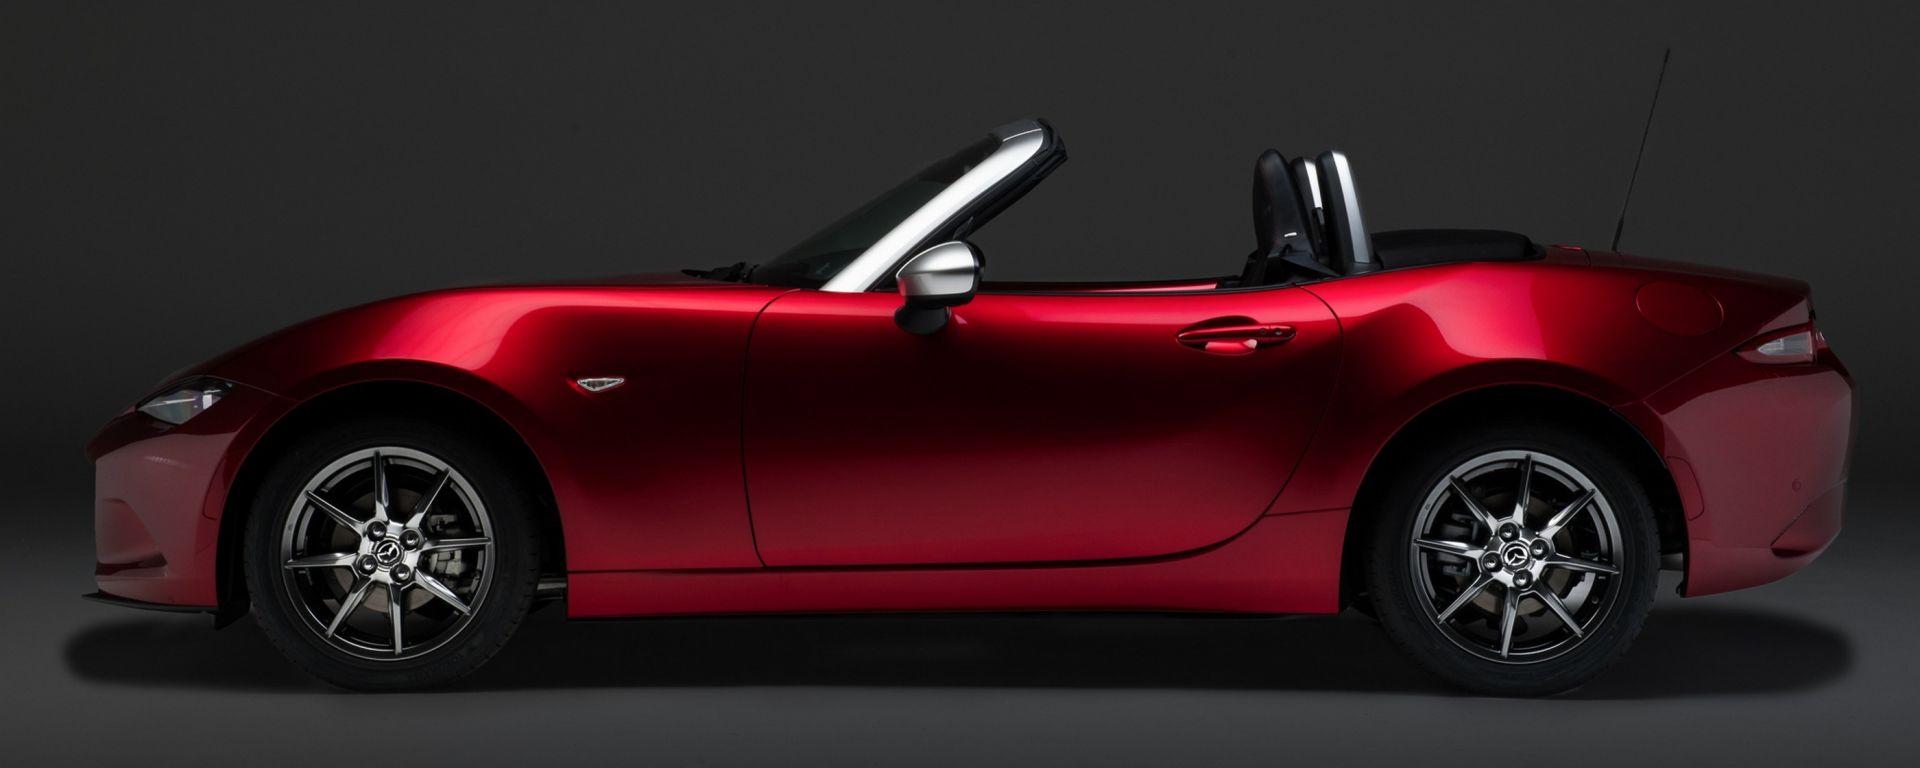 Mazda MX-5 Pollini Heritage: la Limited Edition più fashion